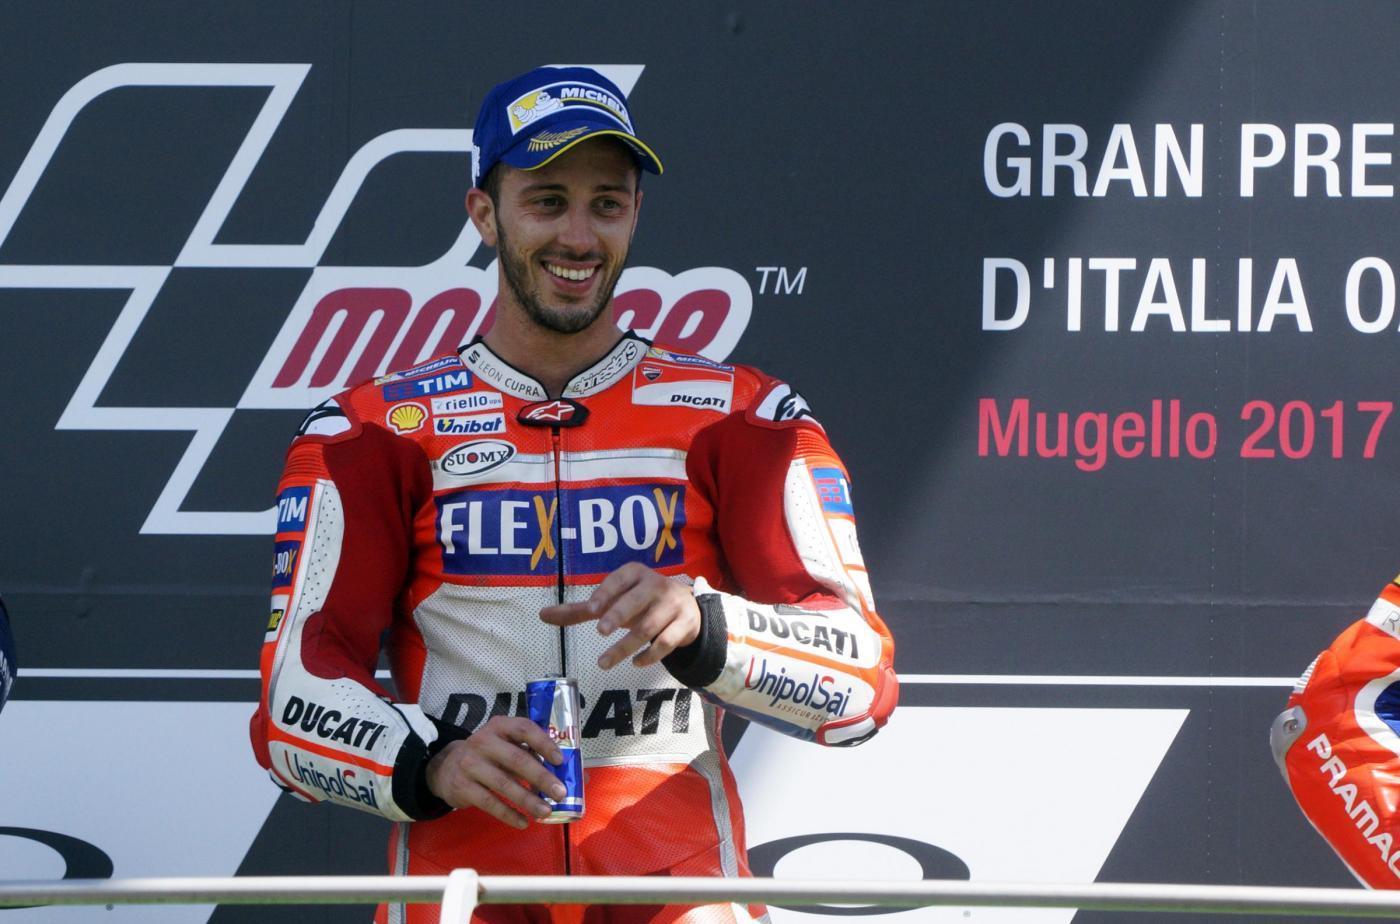 Gran Premio d'Italia: al Mugello tutti per Valentino Rossi!